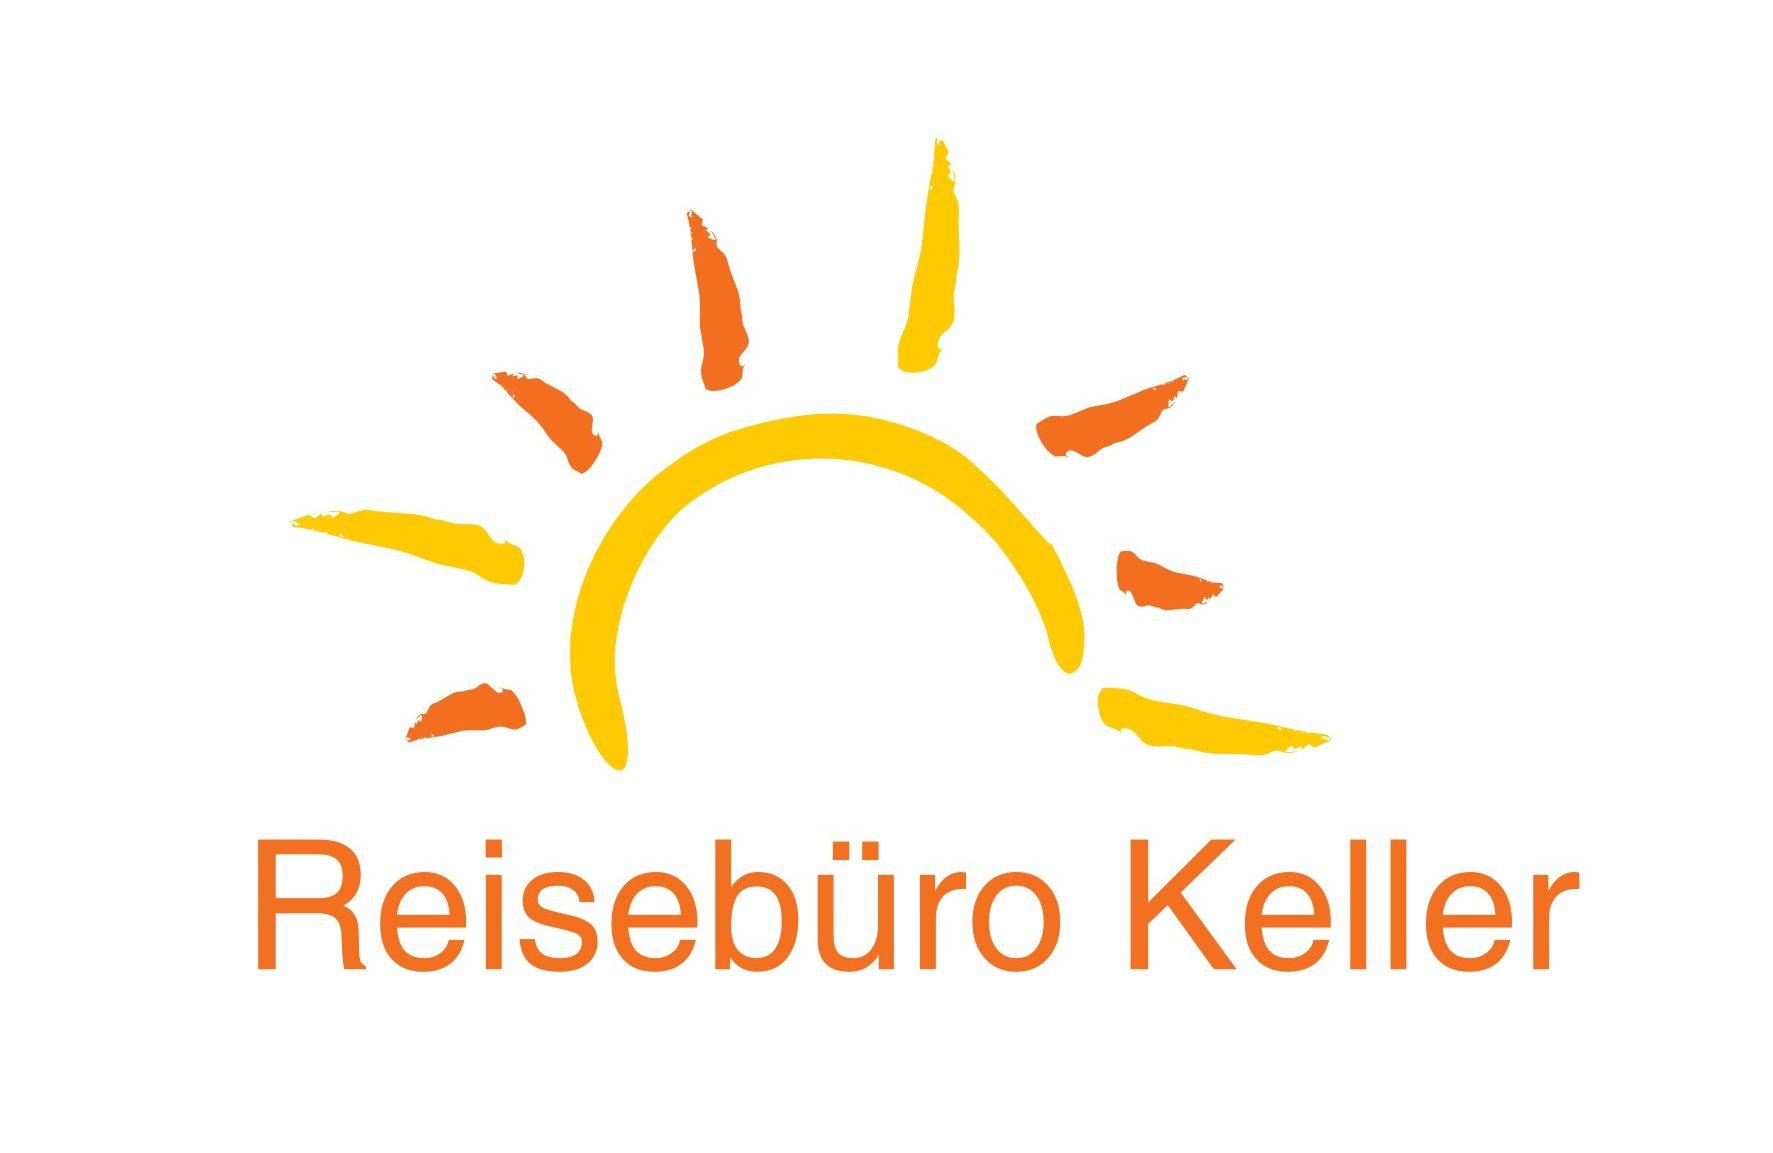 Reisebüro Keller